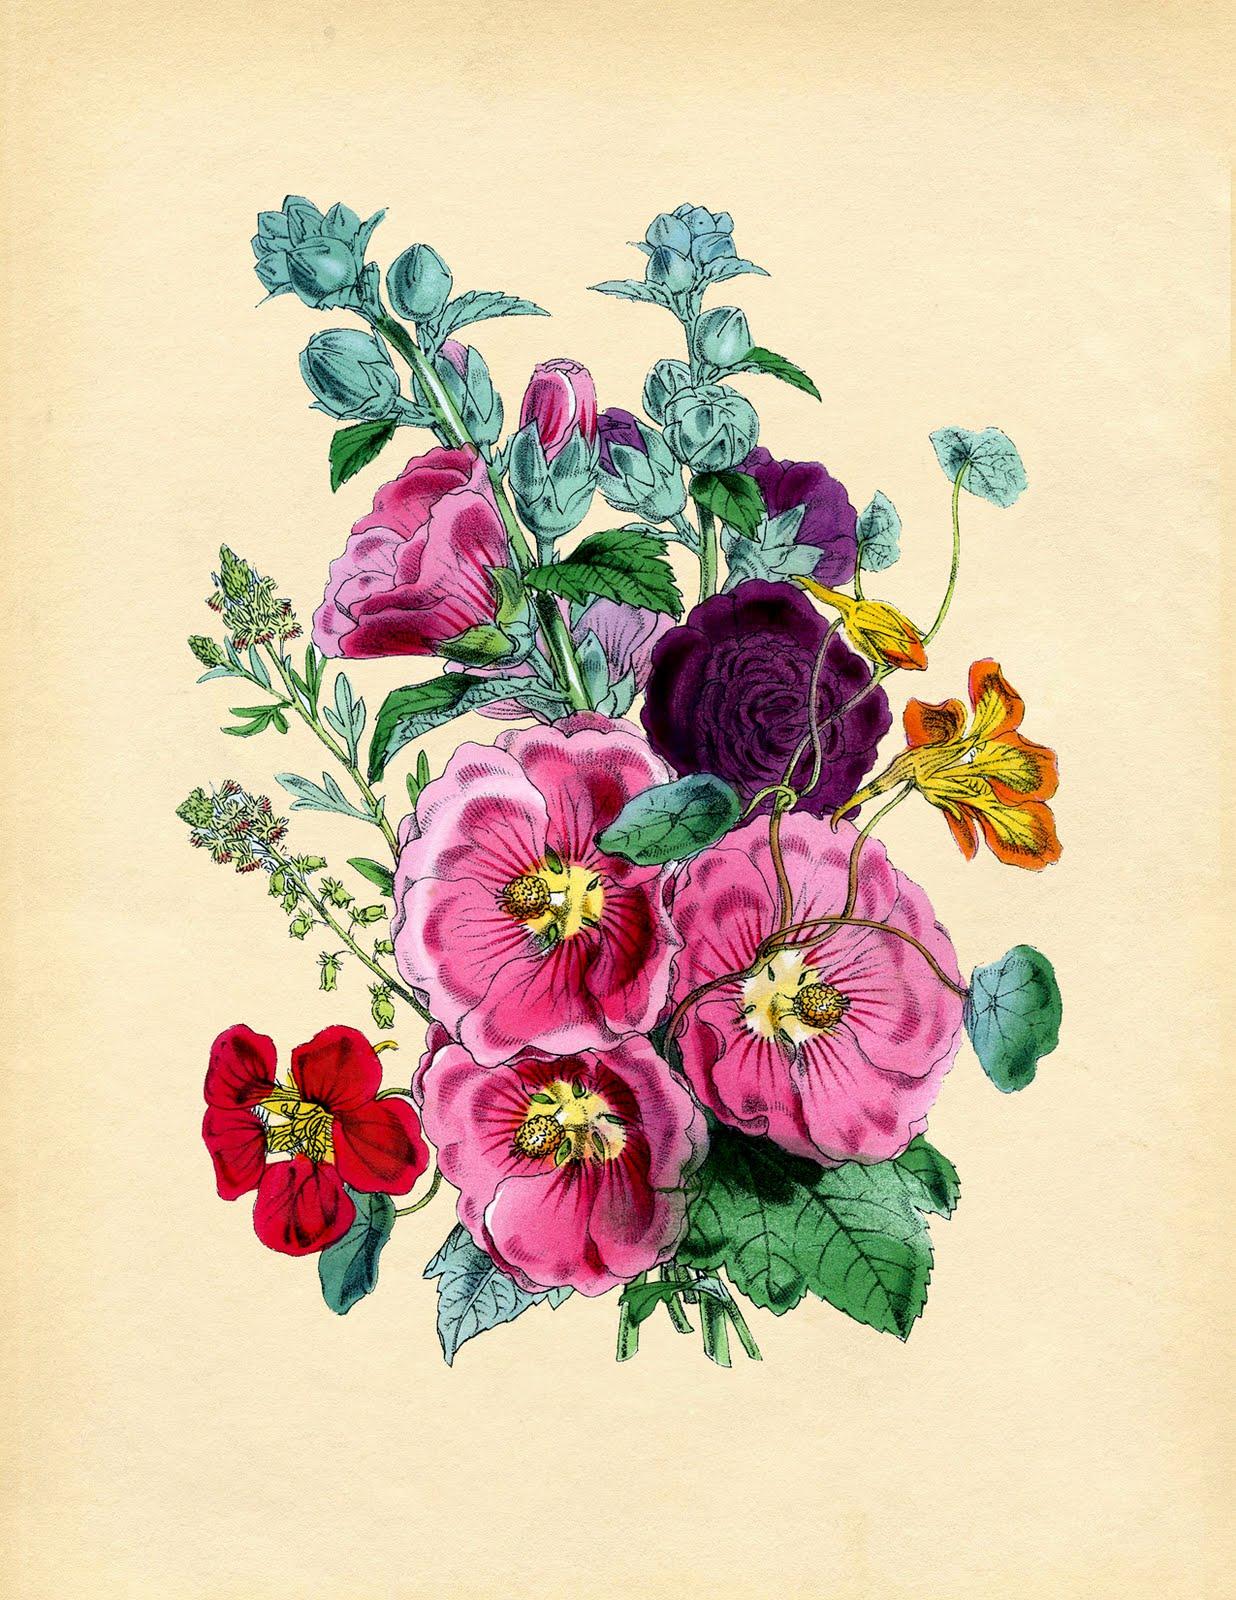 обаятельной рисунки открытки с цветами оно